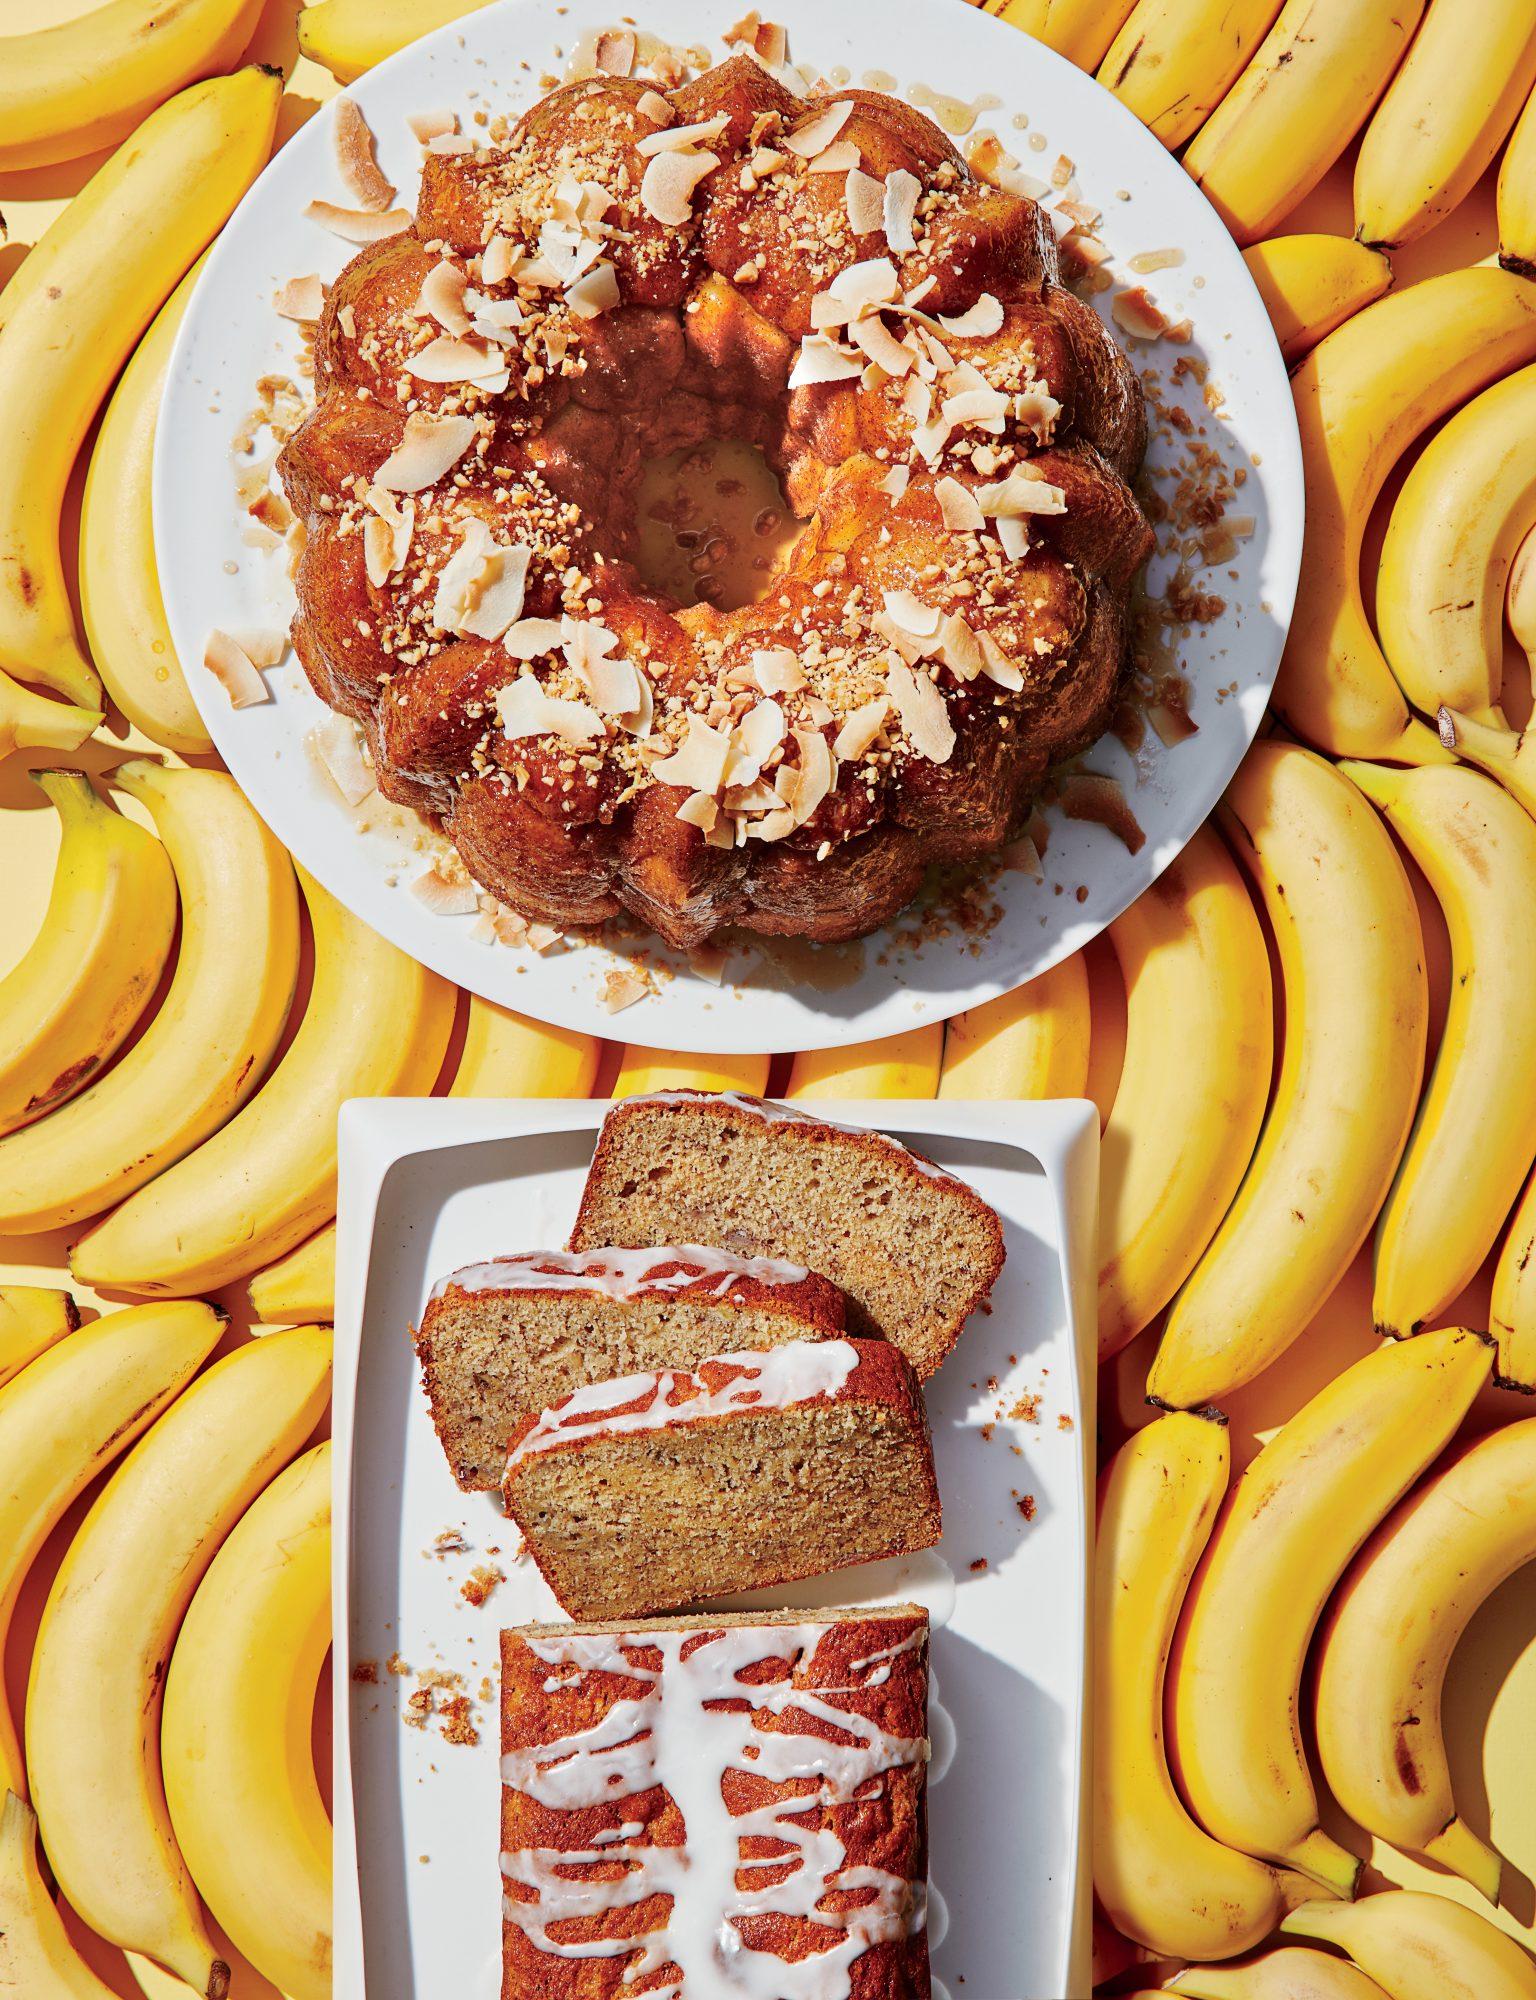 cl-Miso Banana Bread with Yuzu Glaze